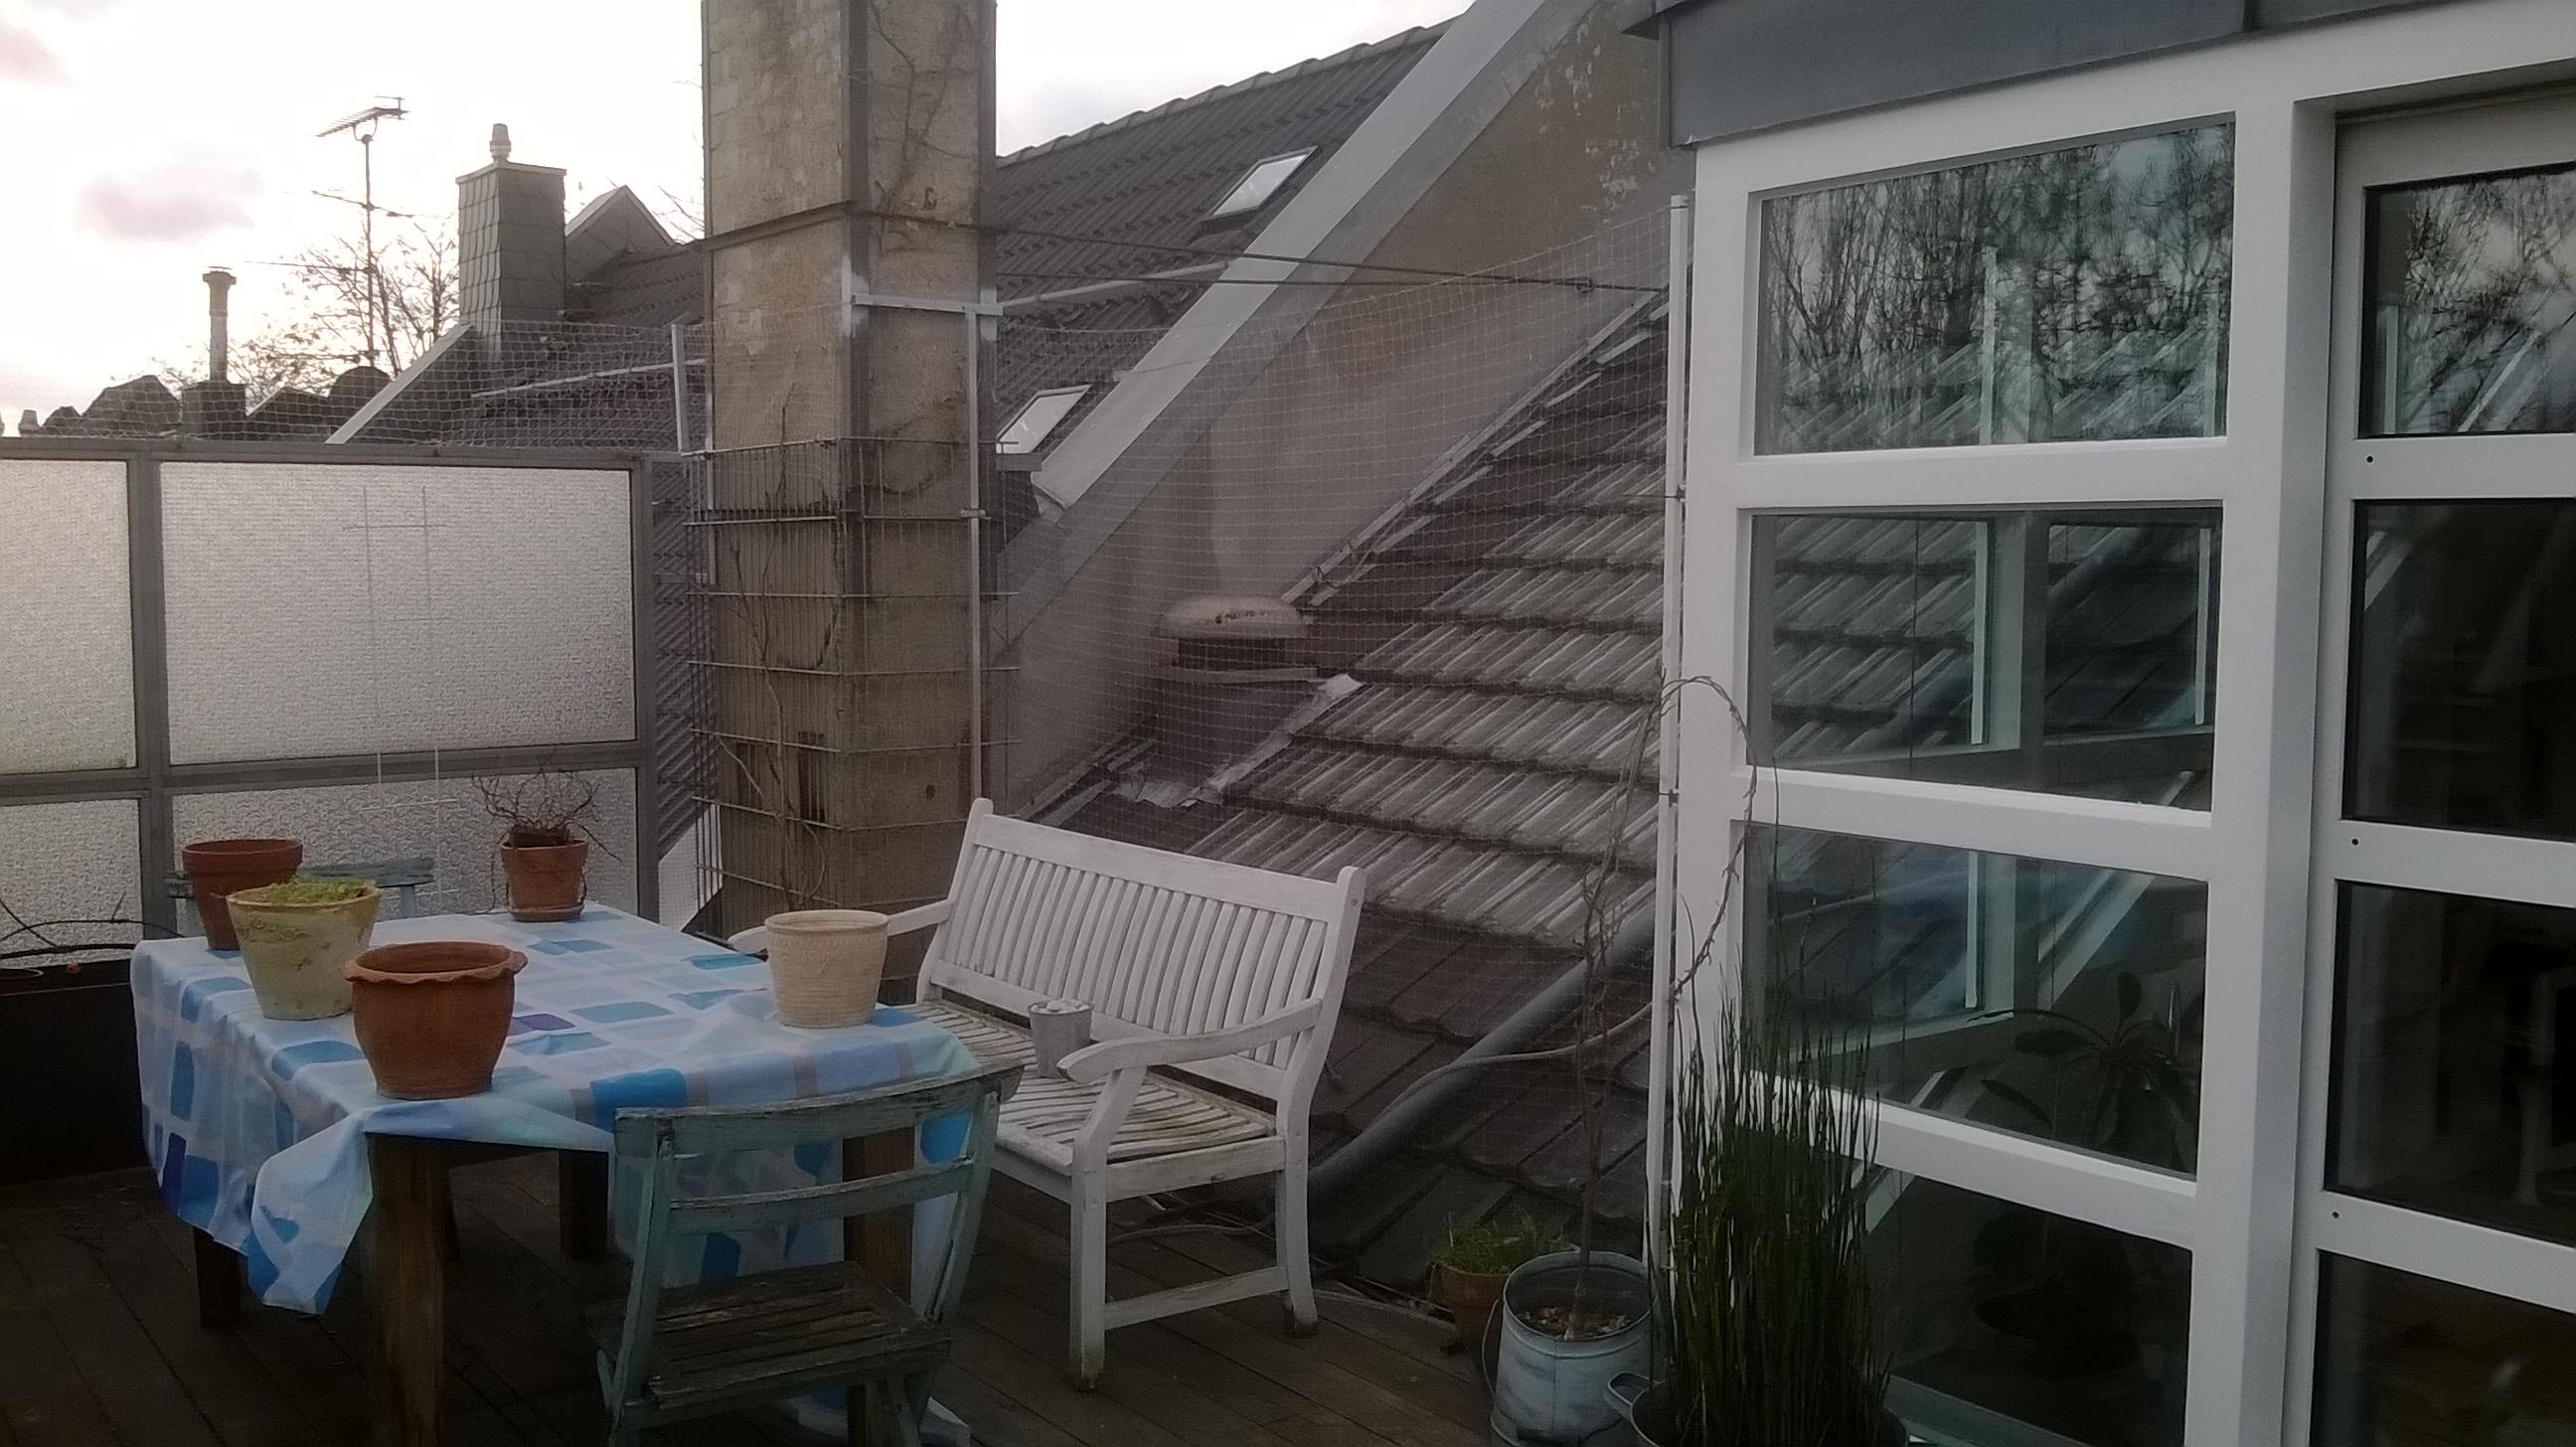 Relativ Dachterrasse mit Katzennetz JC98